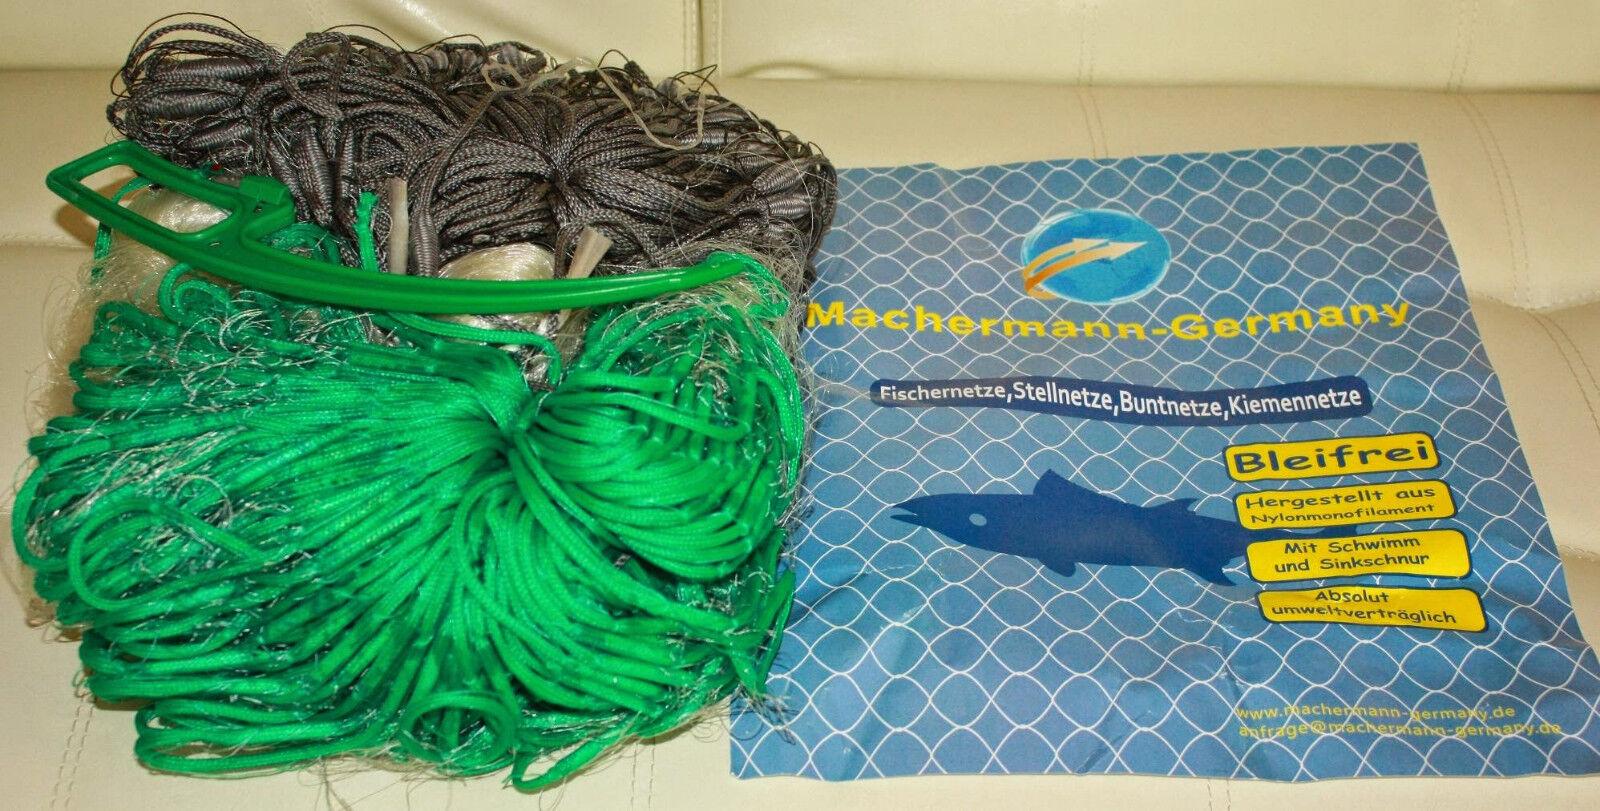 Stellnetz,Fischnetz,Spiegelnetz,3 Wandig,Finland Netz.1,8m x 60m,60 mmTop Preis